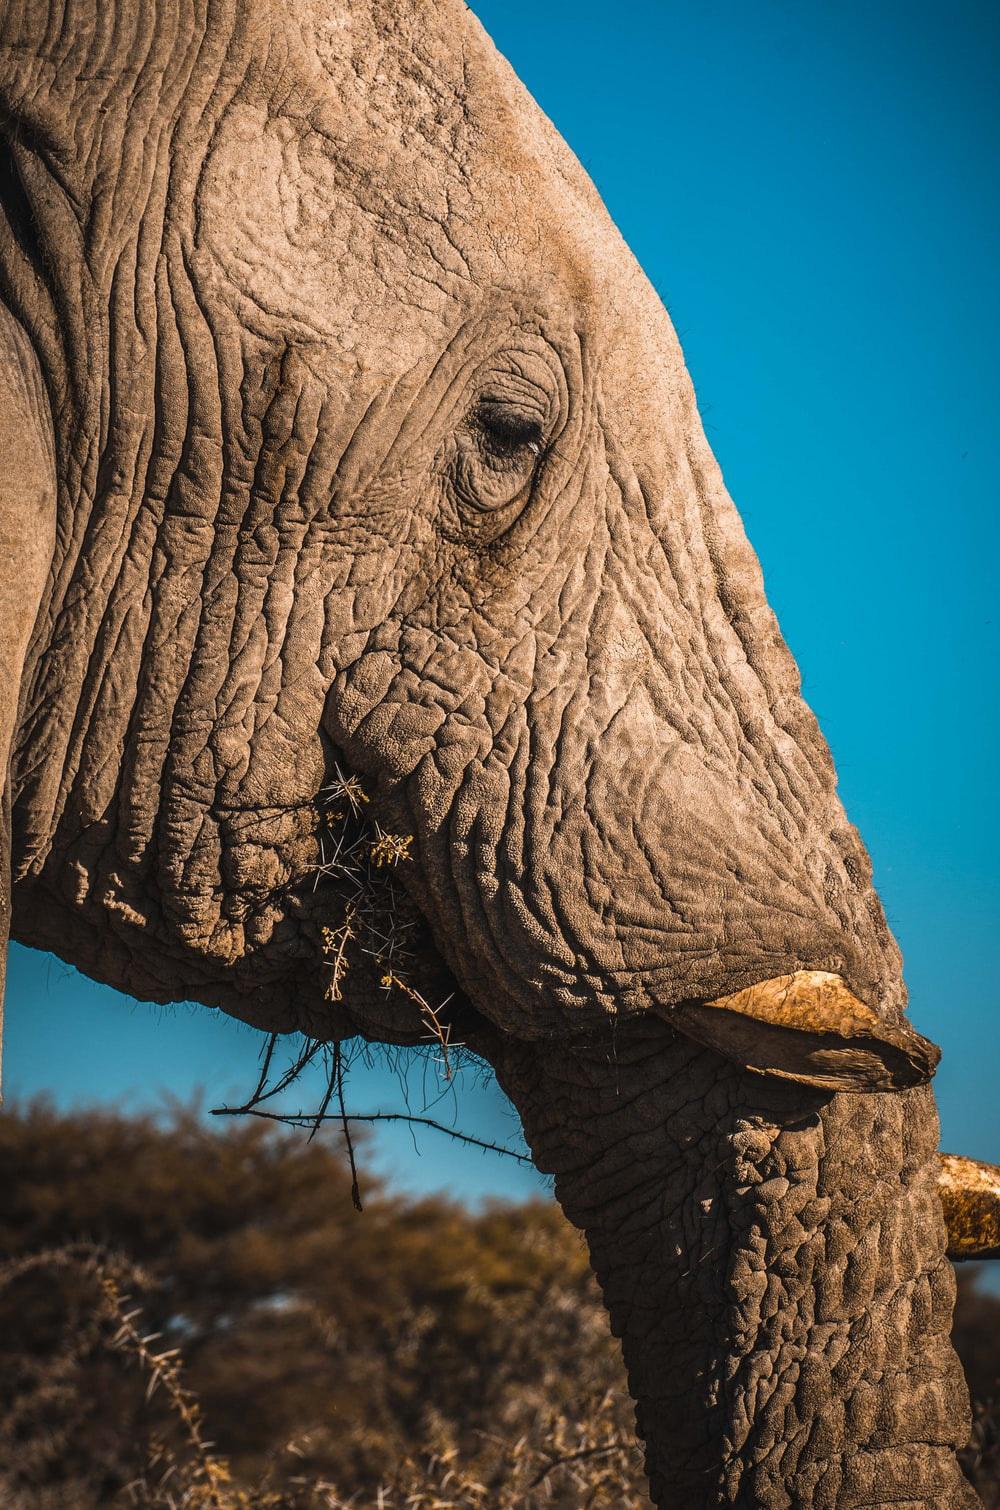 3000 USD đổi lấy 1kg báu vật sống của loài voi: Sự tàn khốc từ lòng tham con người là đây! - Ảnh 2.